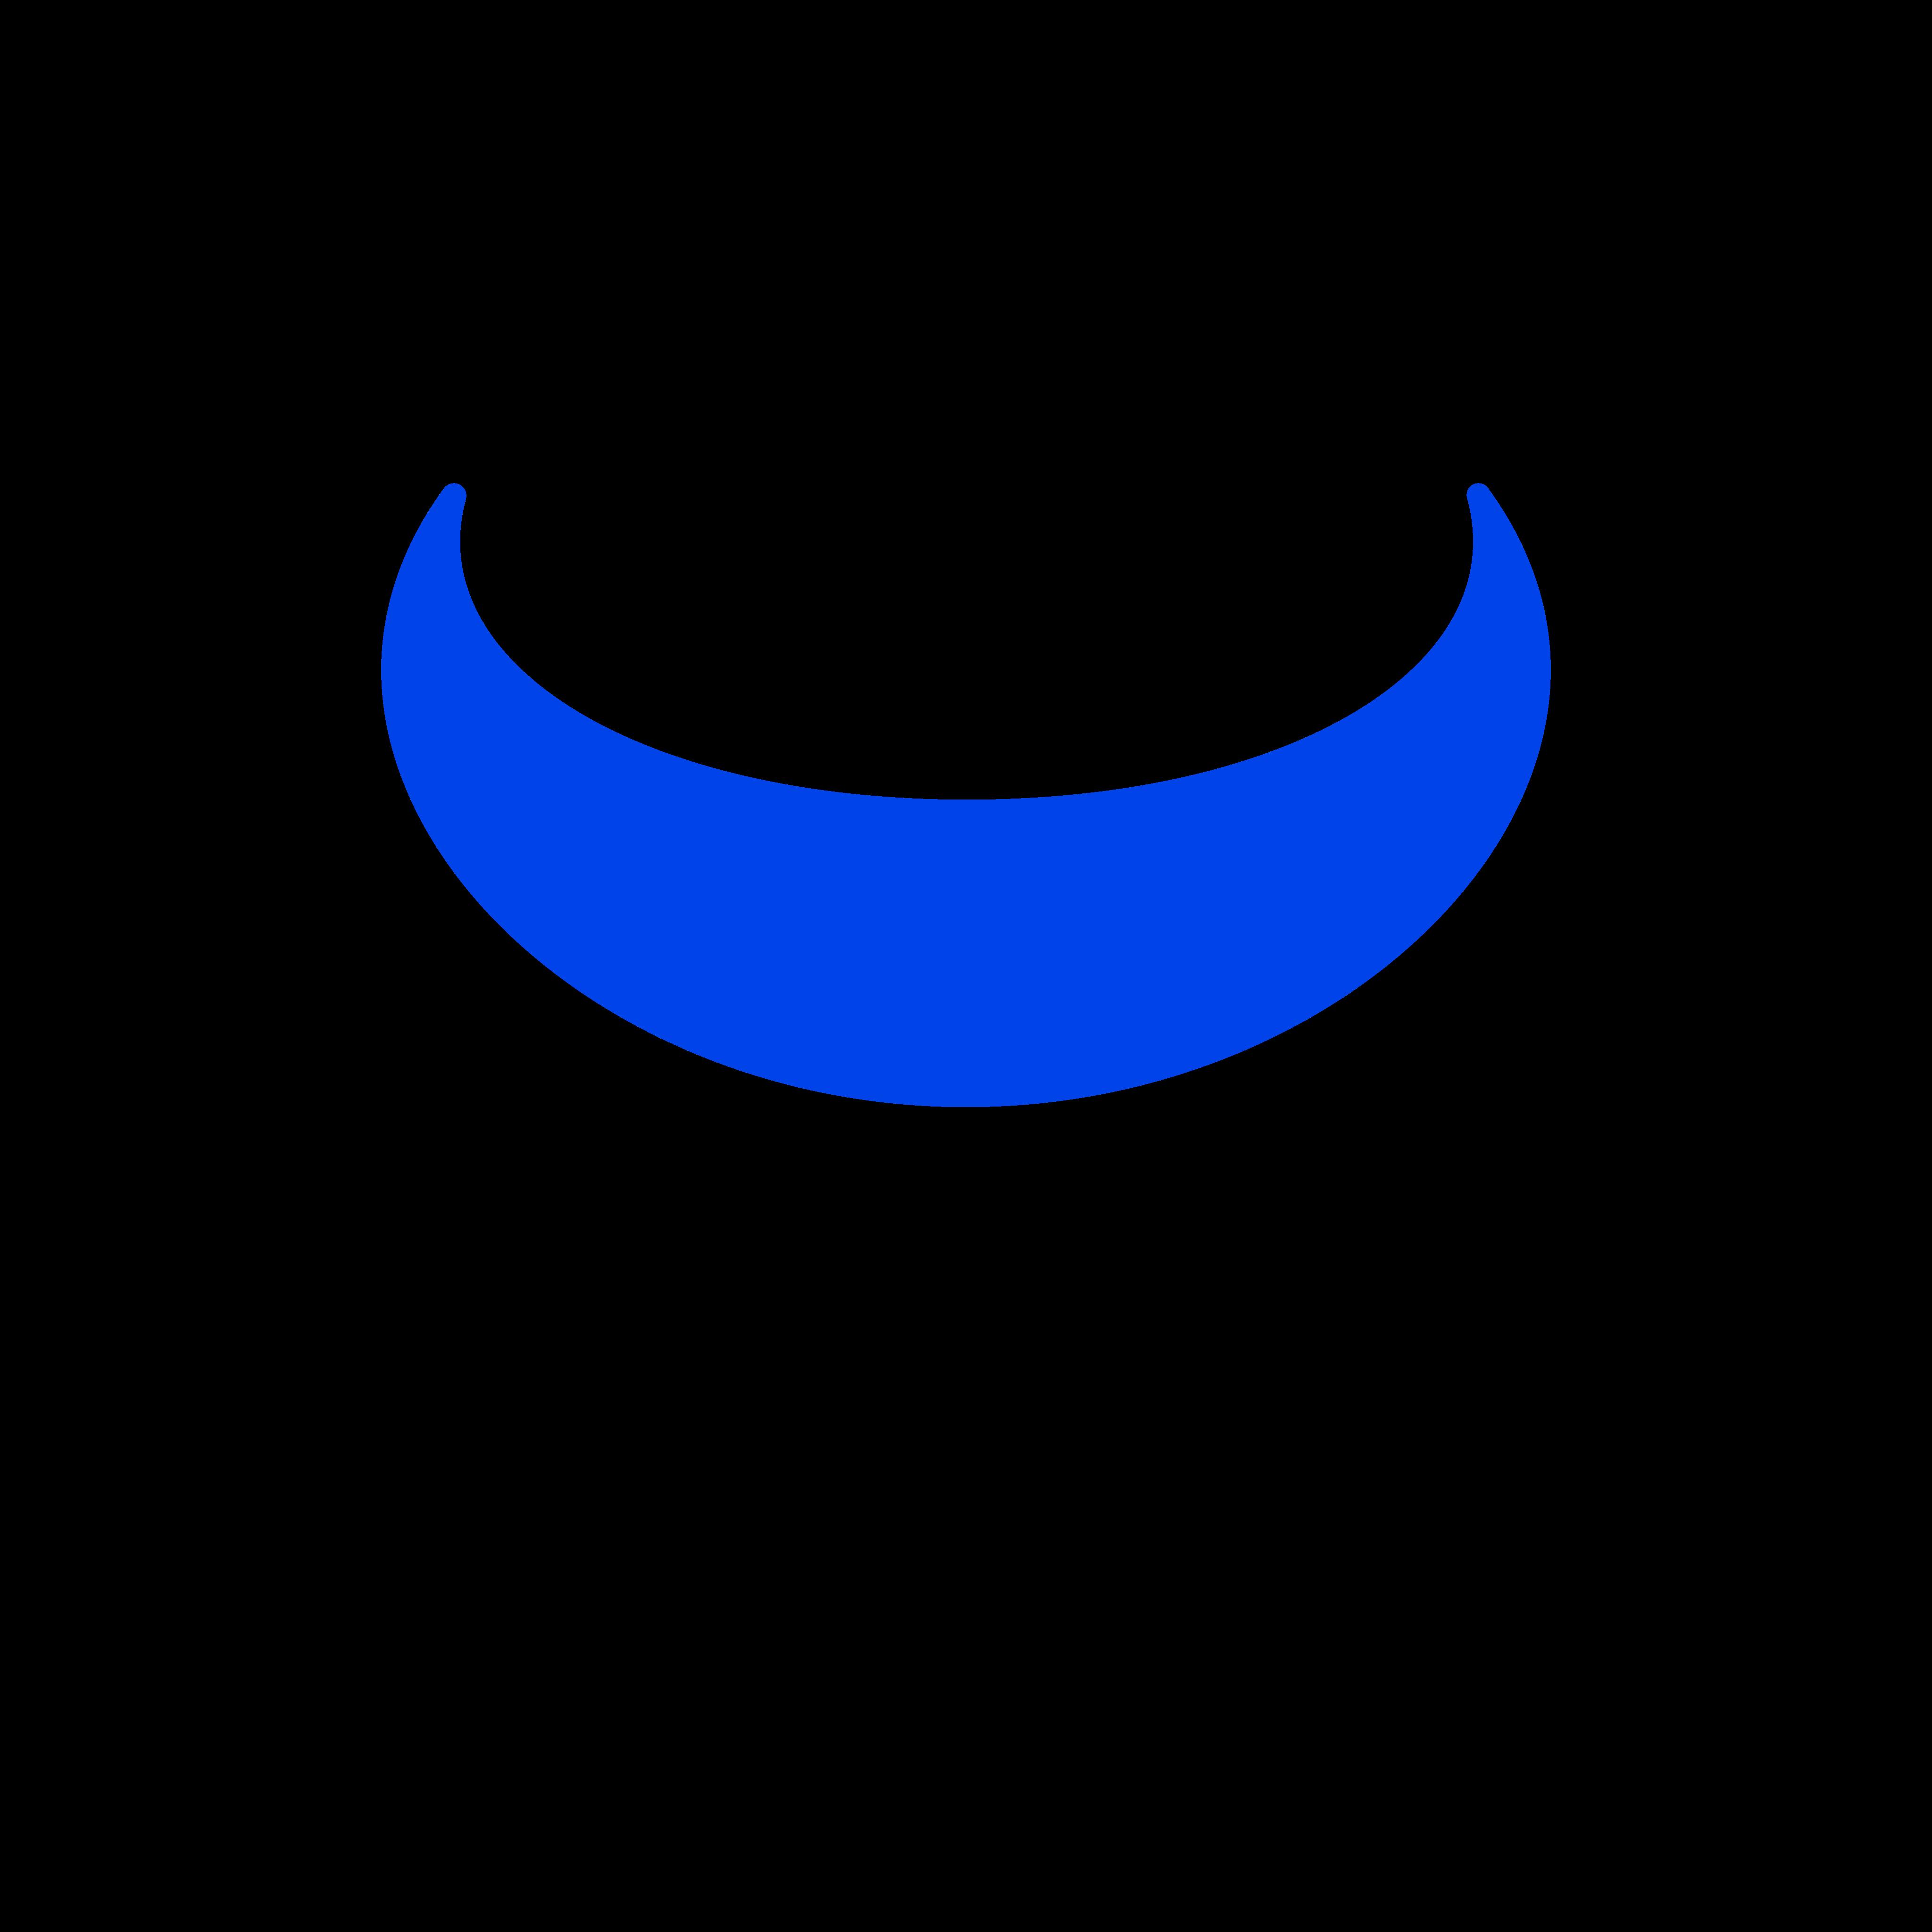 webull logo 0 - Webull Logo